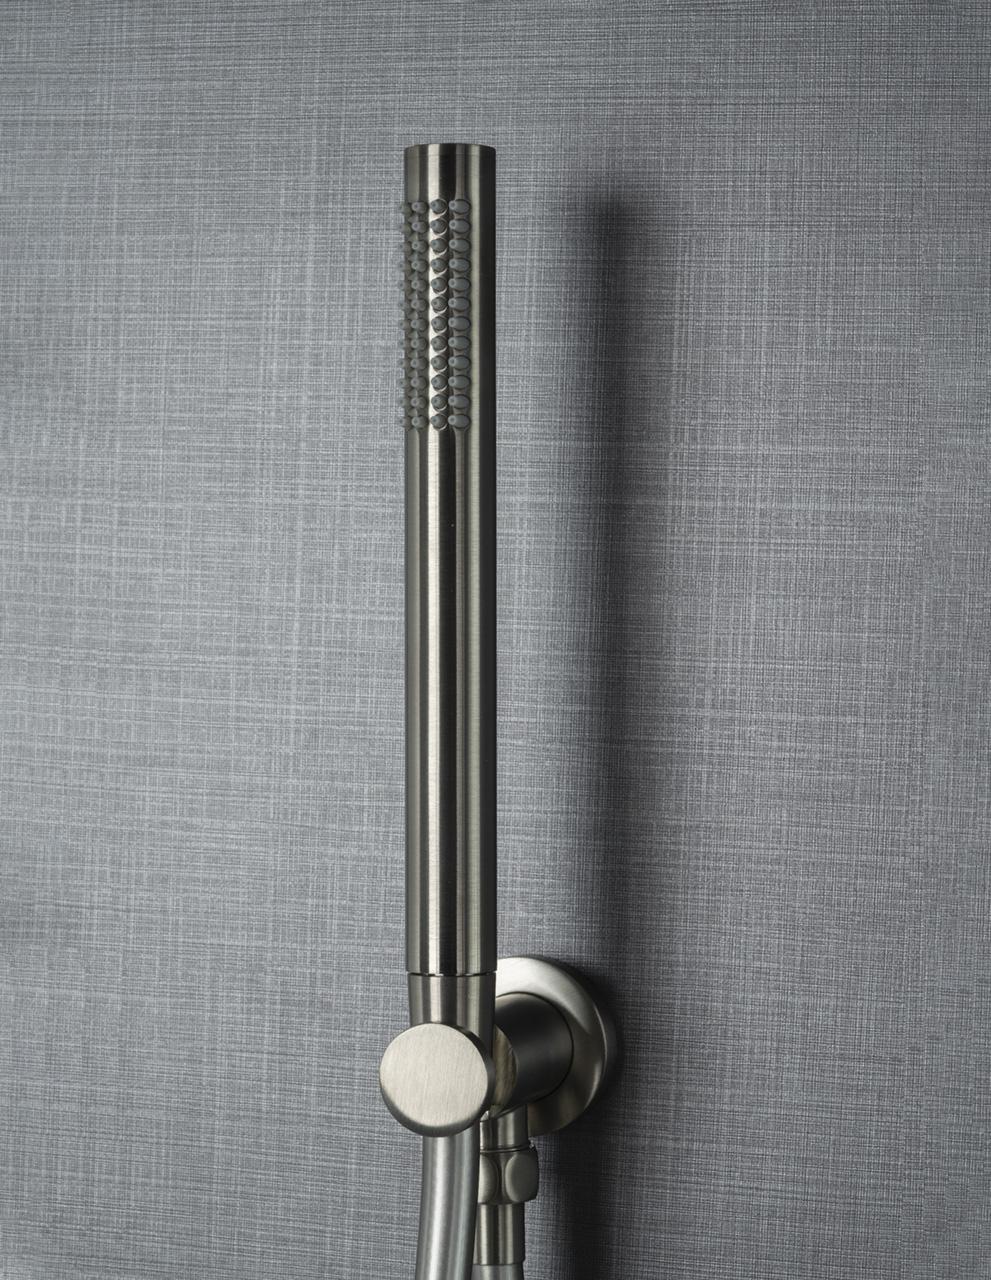 Kit-Roller-Brosse-Vanita-Docce